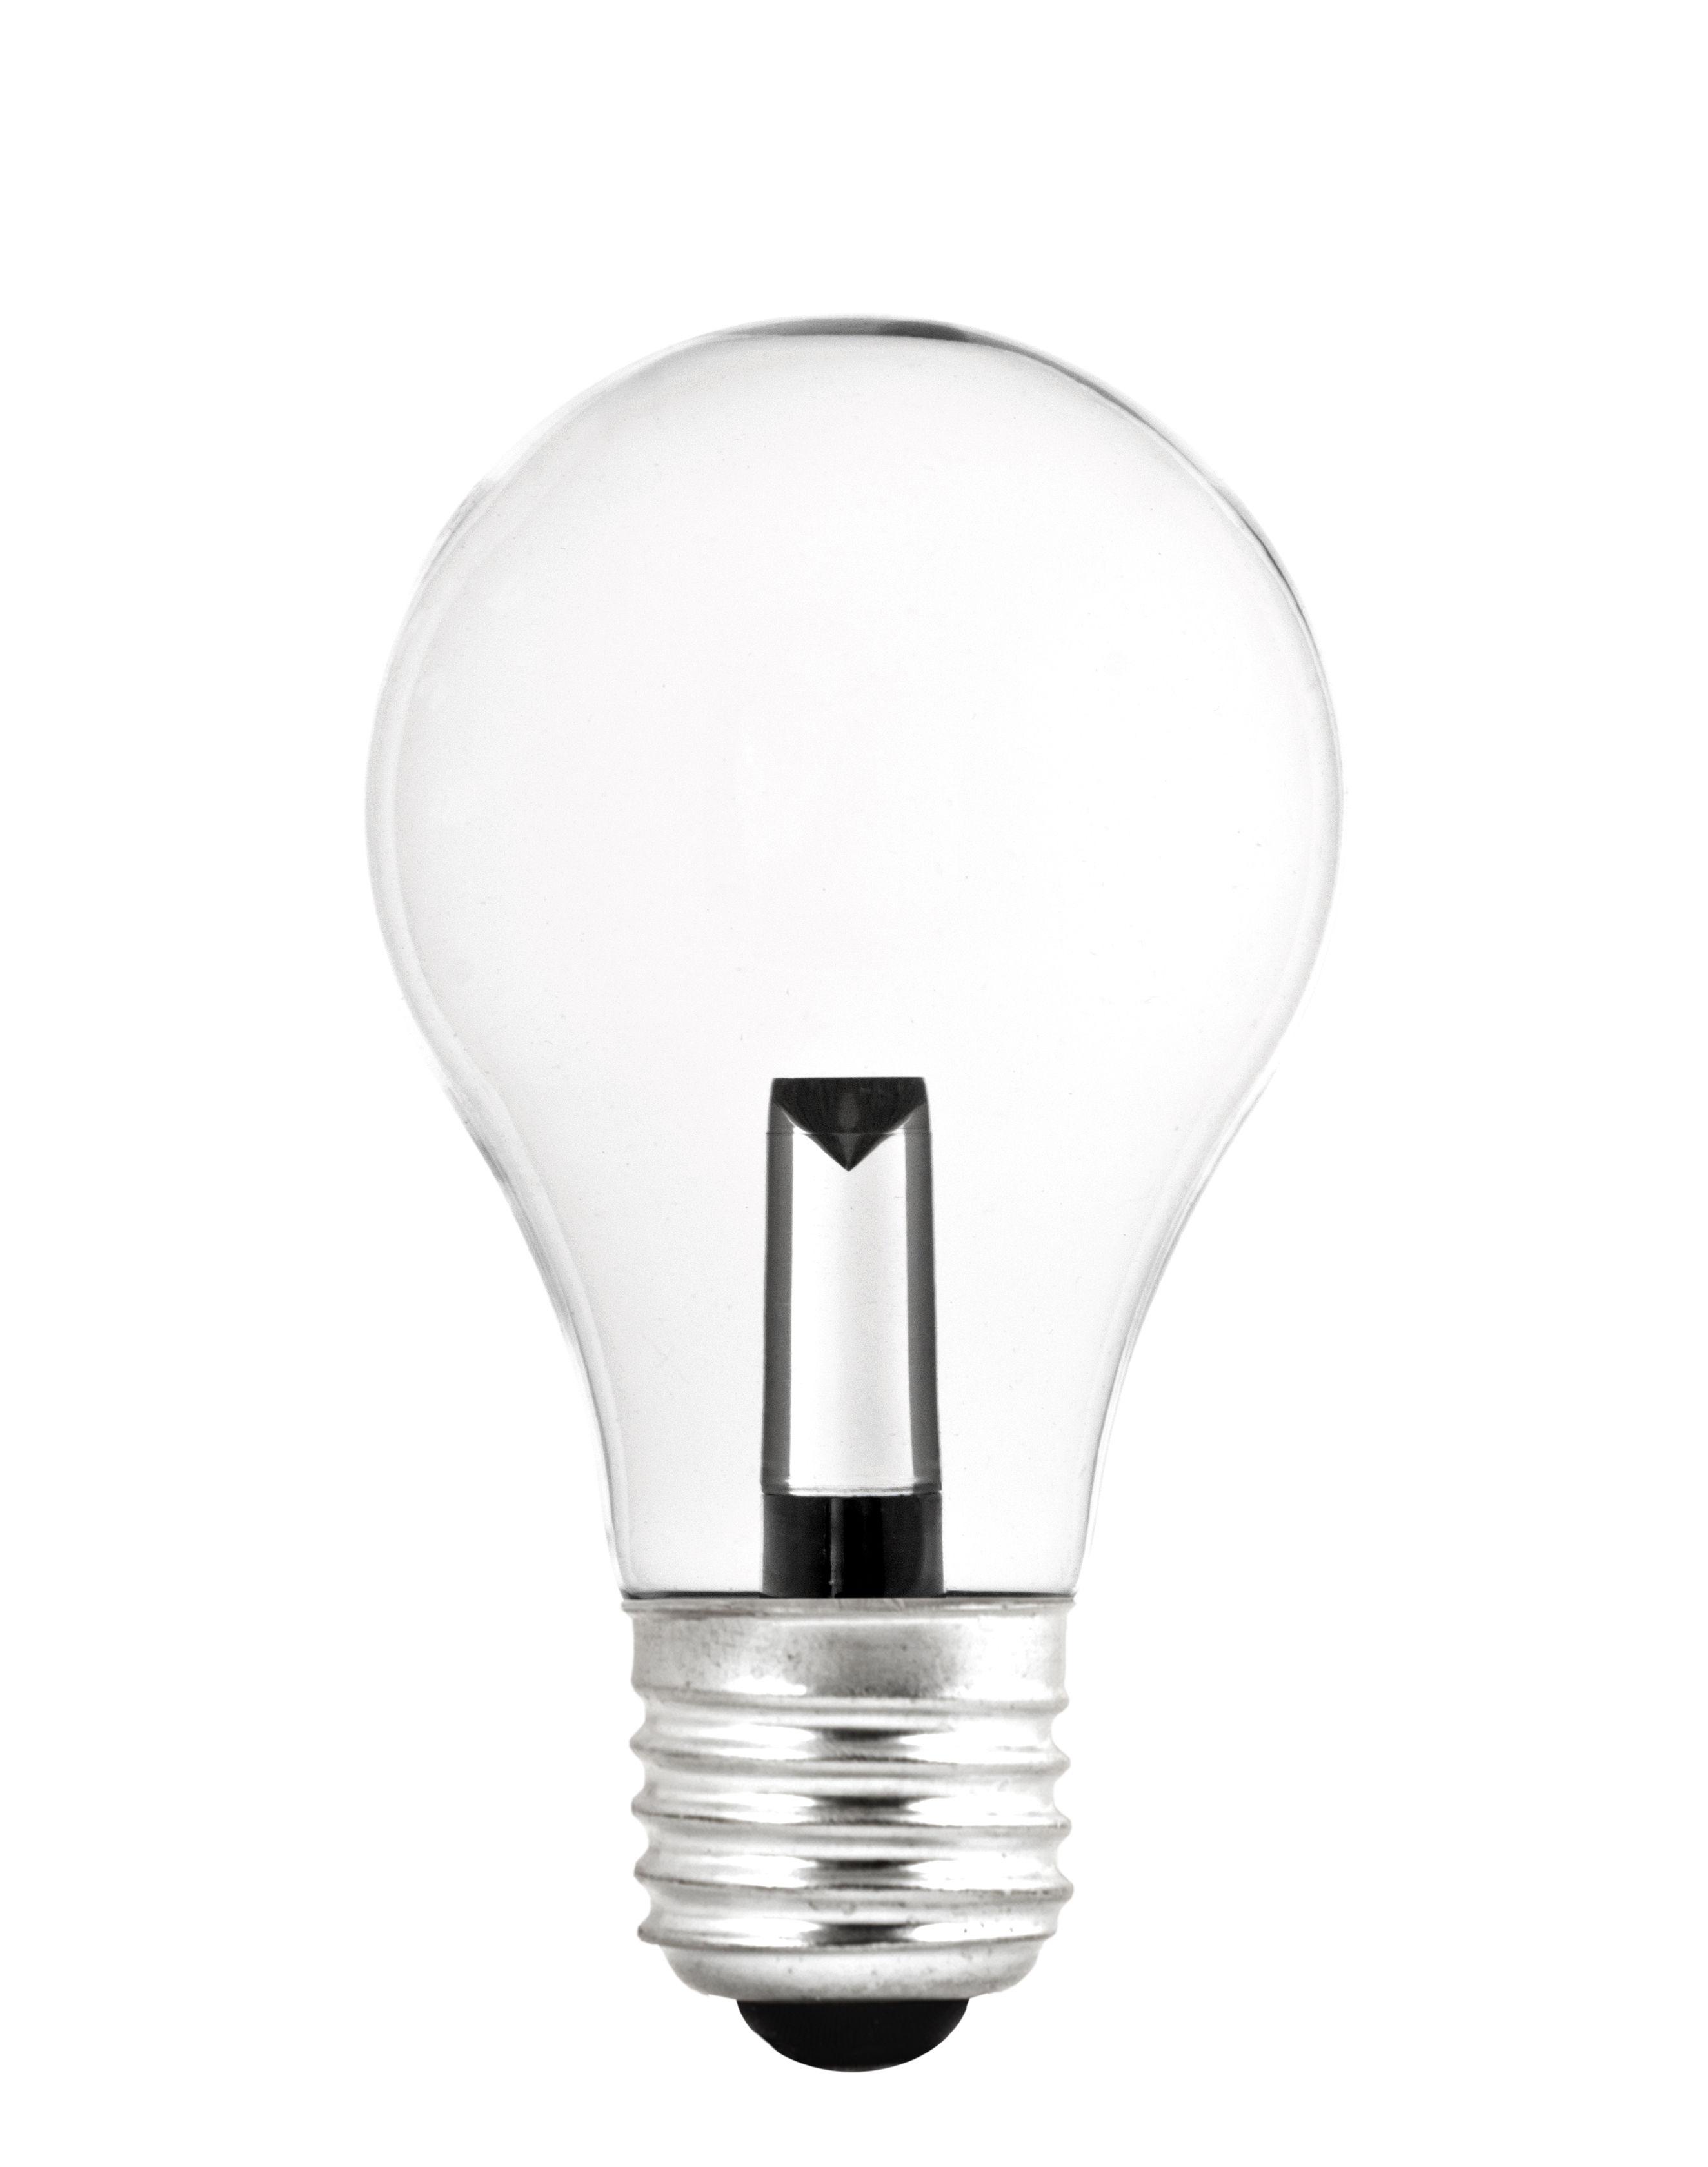 Luminaire - Ampoules et accessoires - Ampoule LED E27 MONOBLOC / 1,5W = 15W - Pop Corn - Transparent - Verre